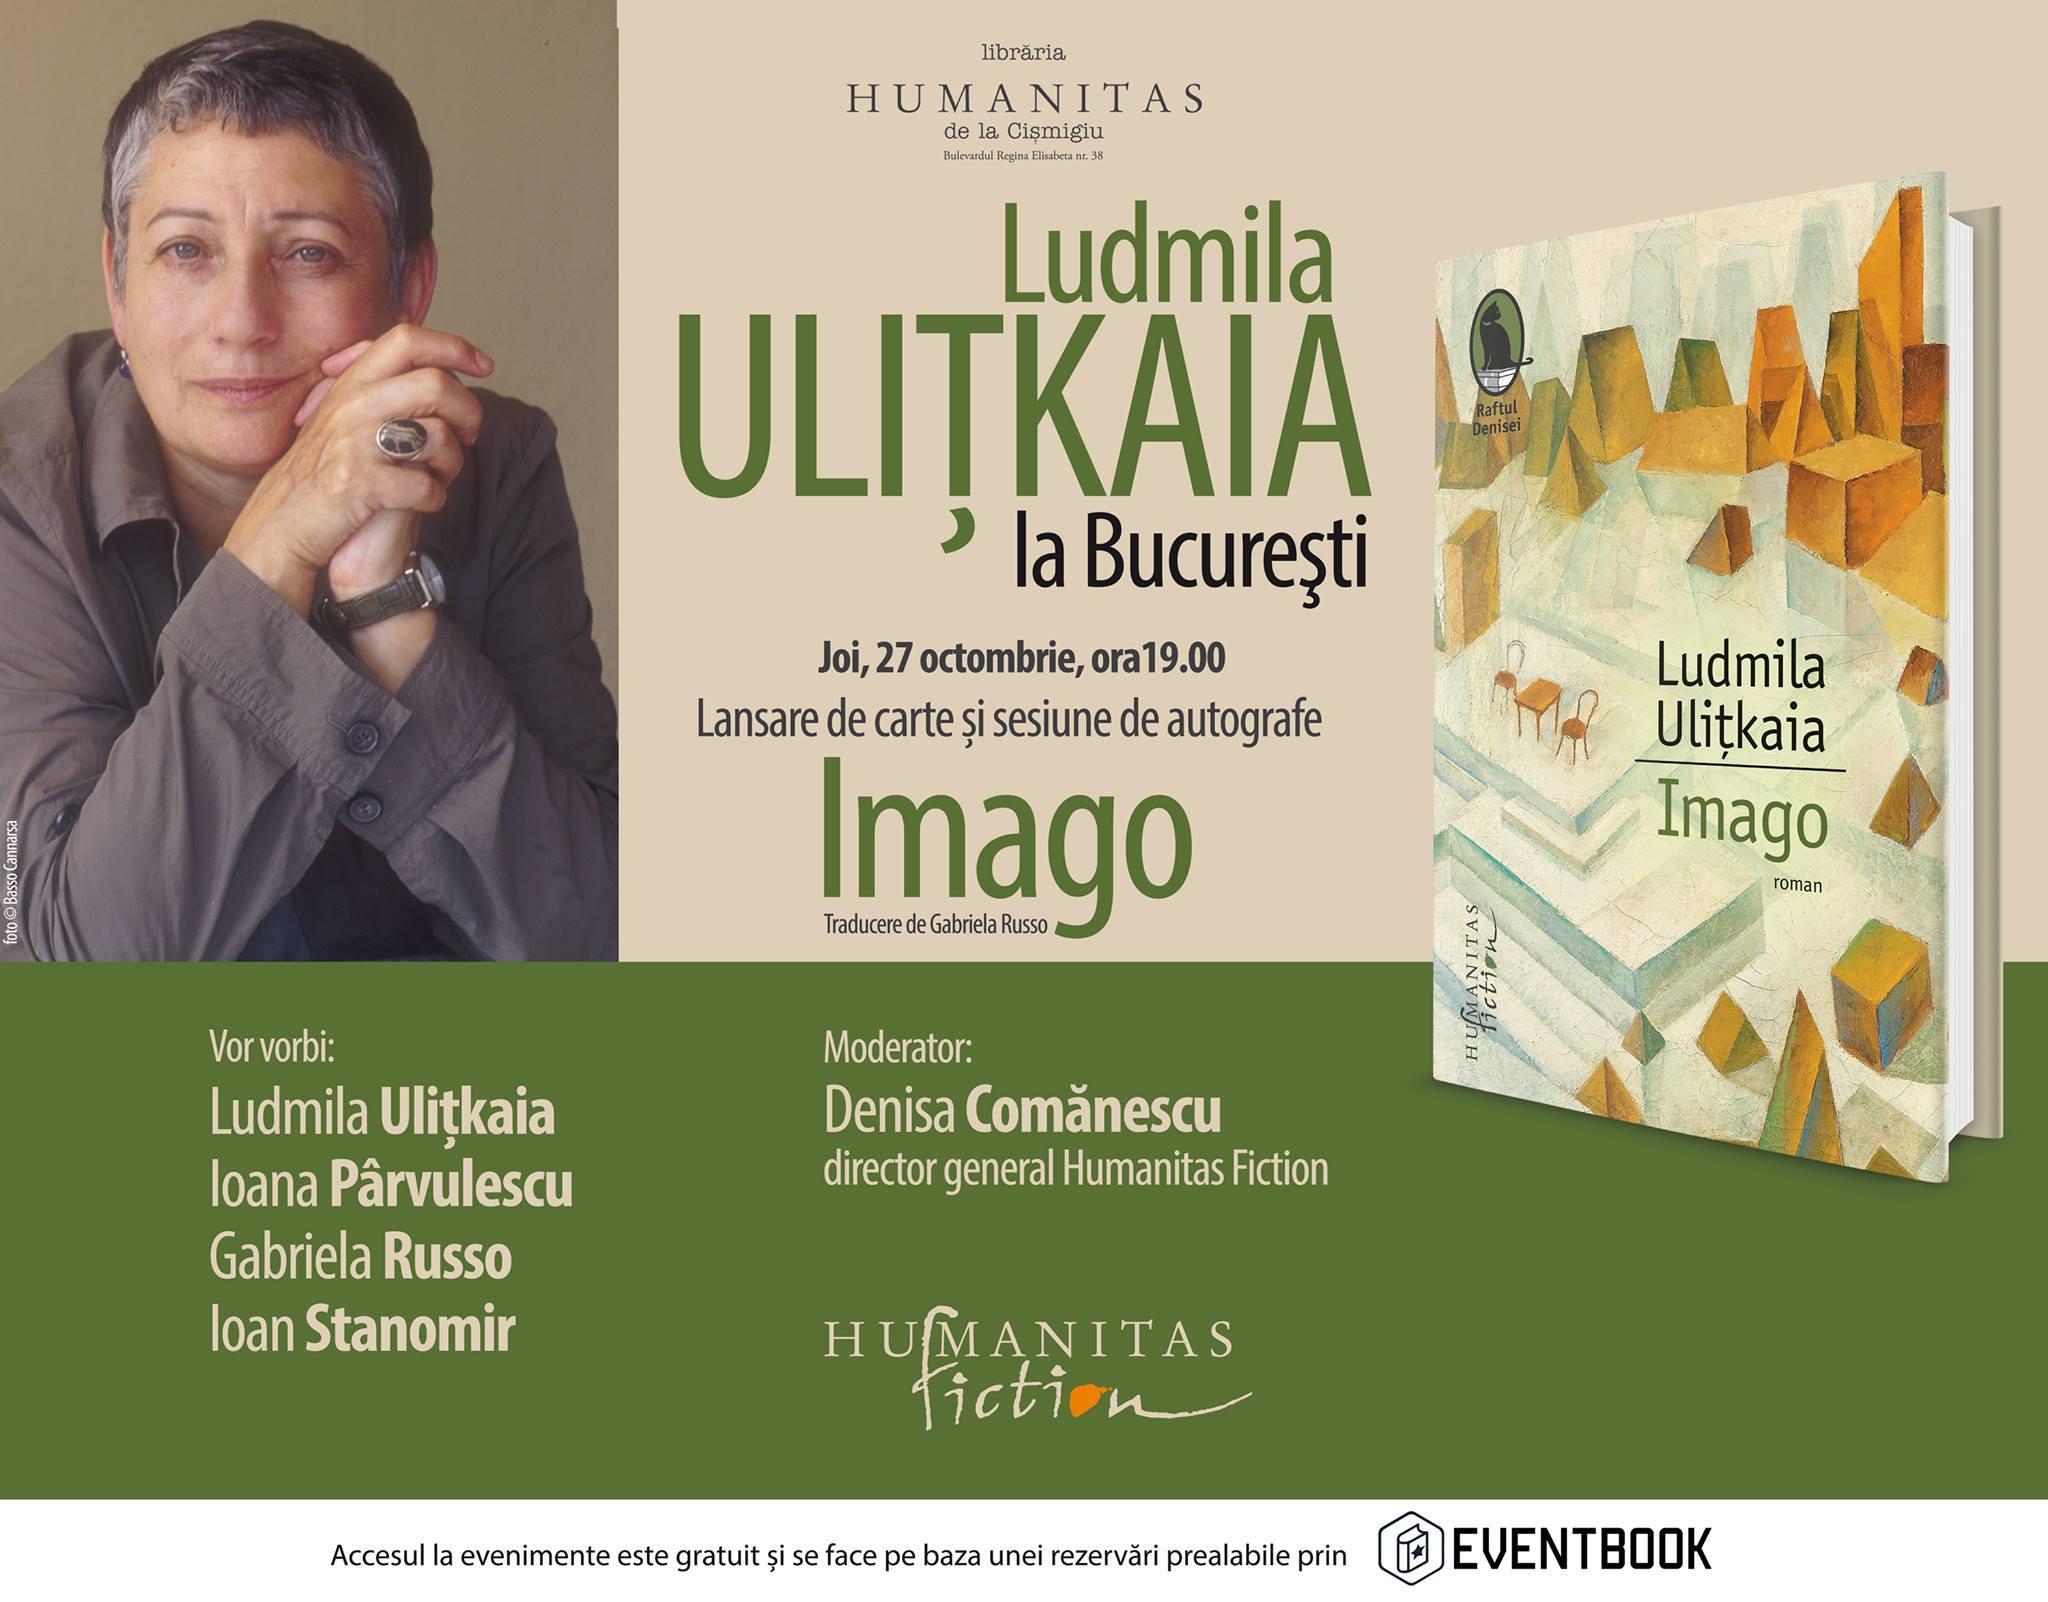 Ludmila Uliţkaia la Bucureşti